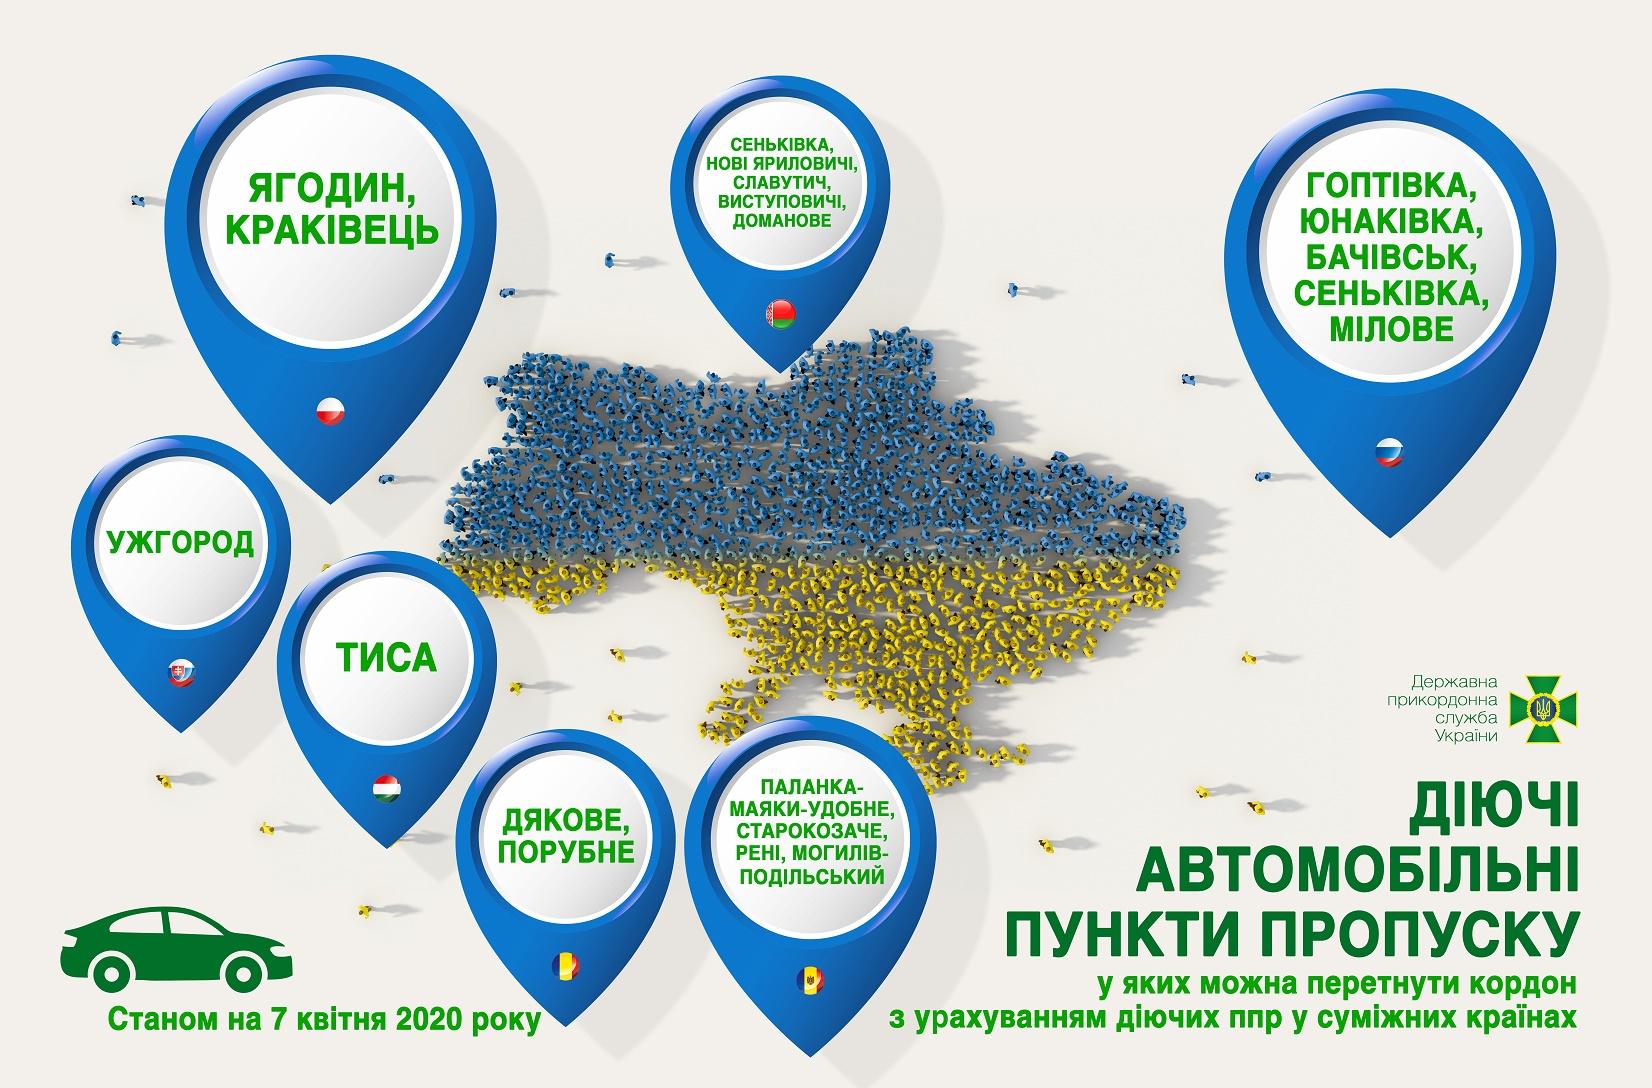 Действующие автомобильные пункты пропуска, фото: сайт Госпогранслужбы Украины